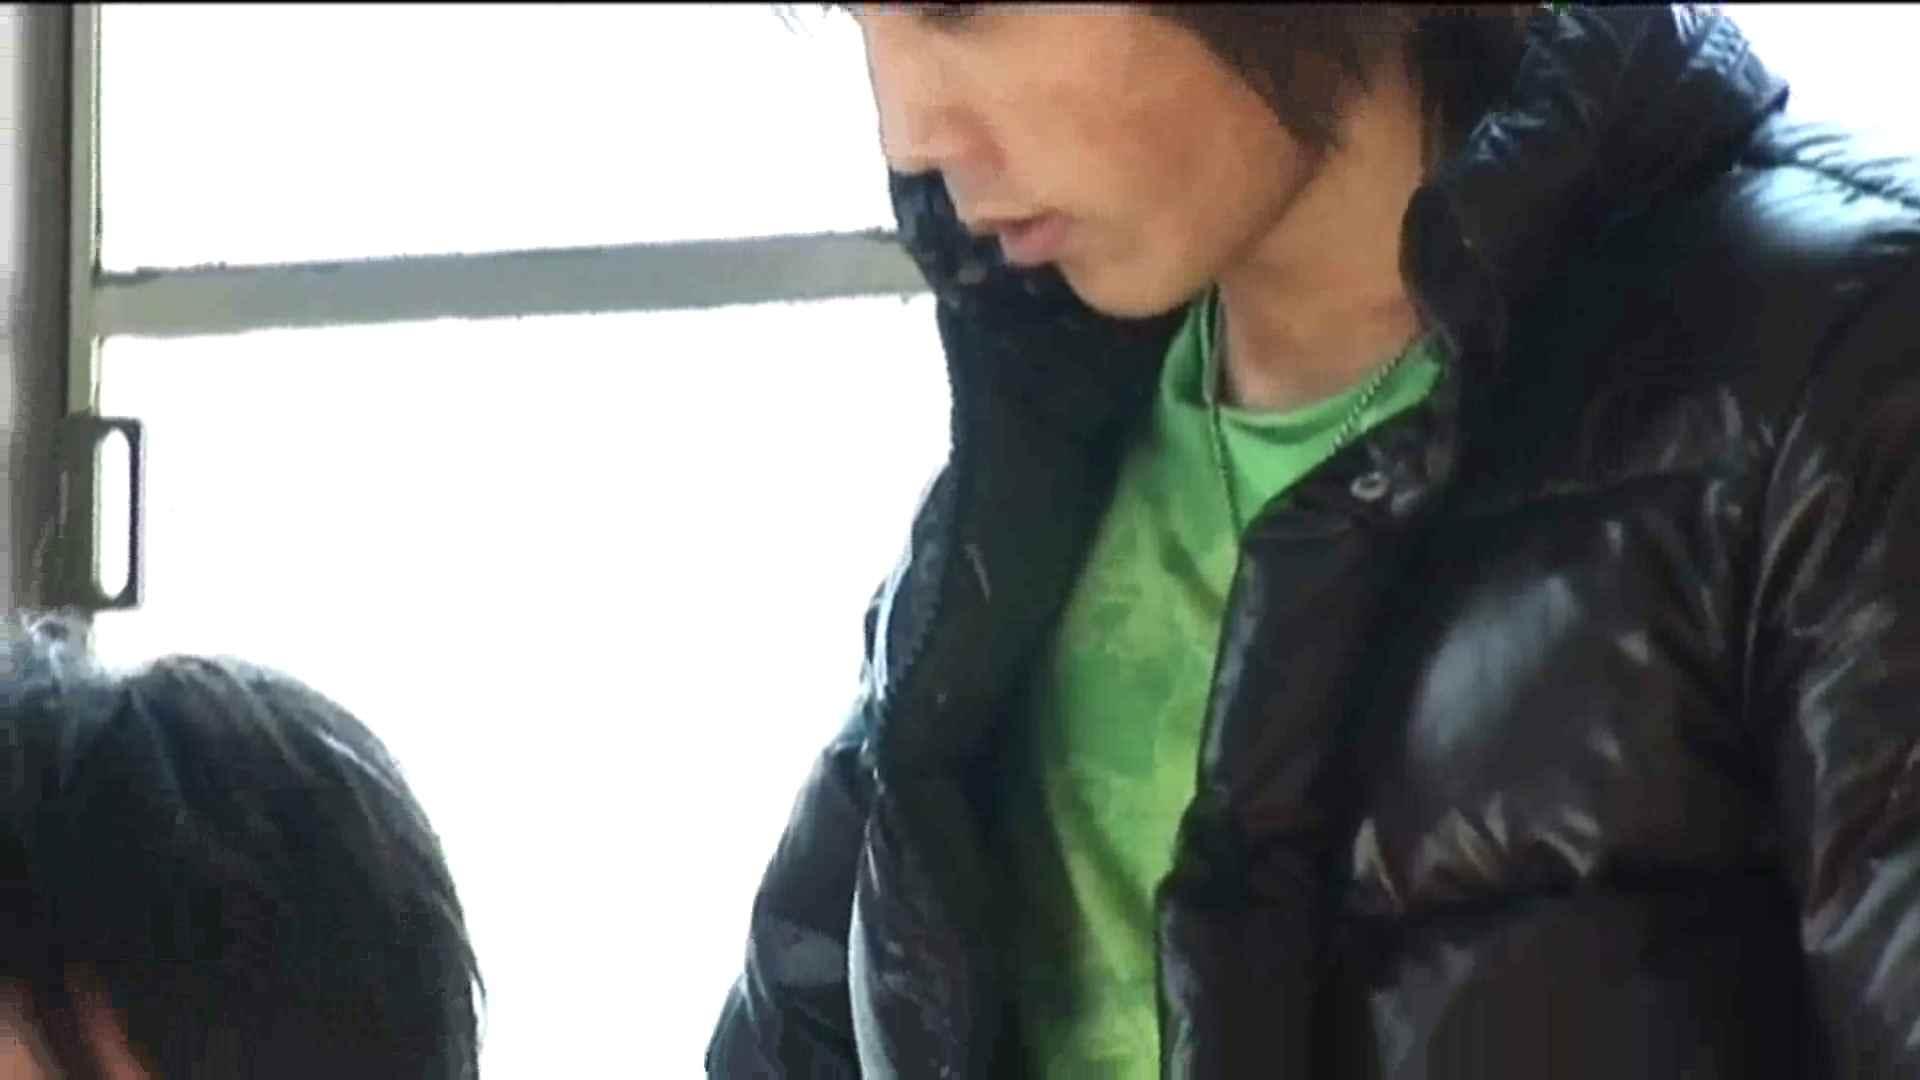 イケメン☆パラダイス〜男ざかりの君たちへ〜vol.35 フェラ最高 | アナルsex ゲイ素人エロ画像 7連発 1